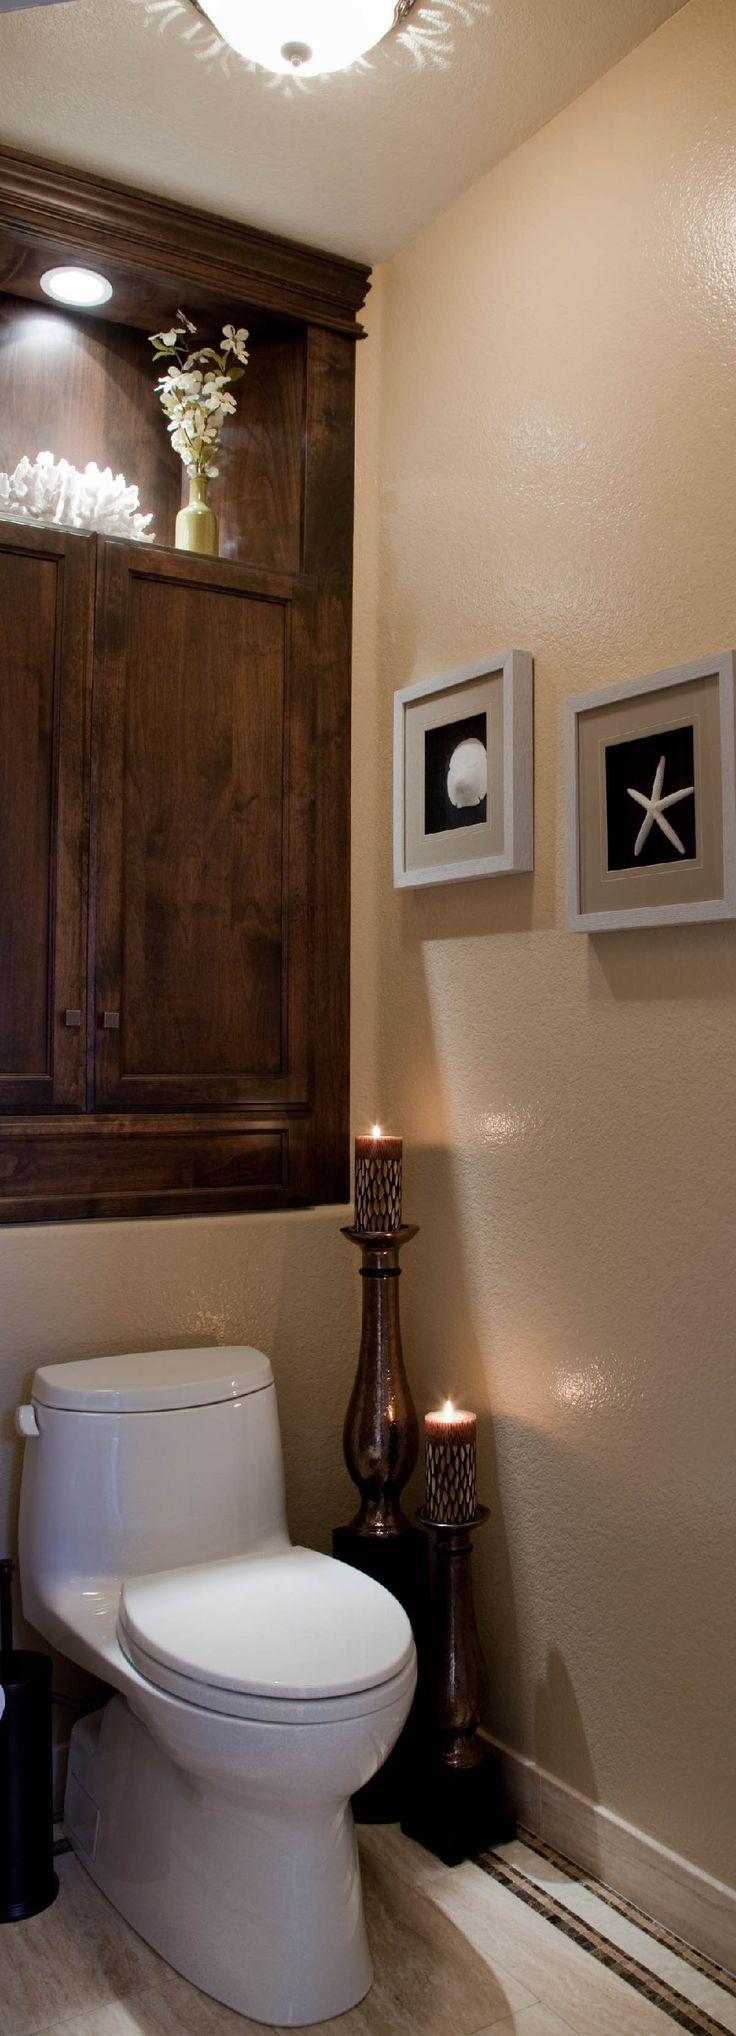 Best 25+ Toilet closet ideas on Pinterest | Toilet room, Water ...